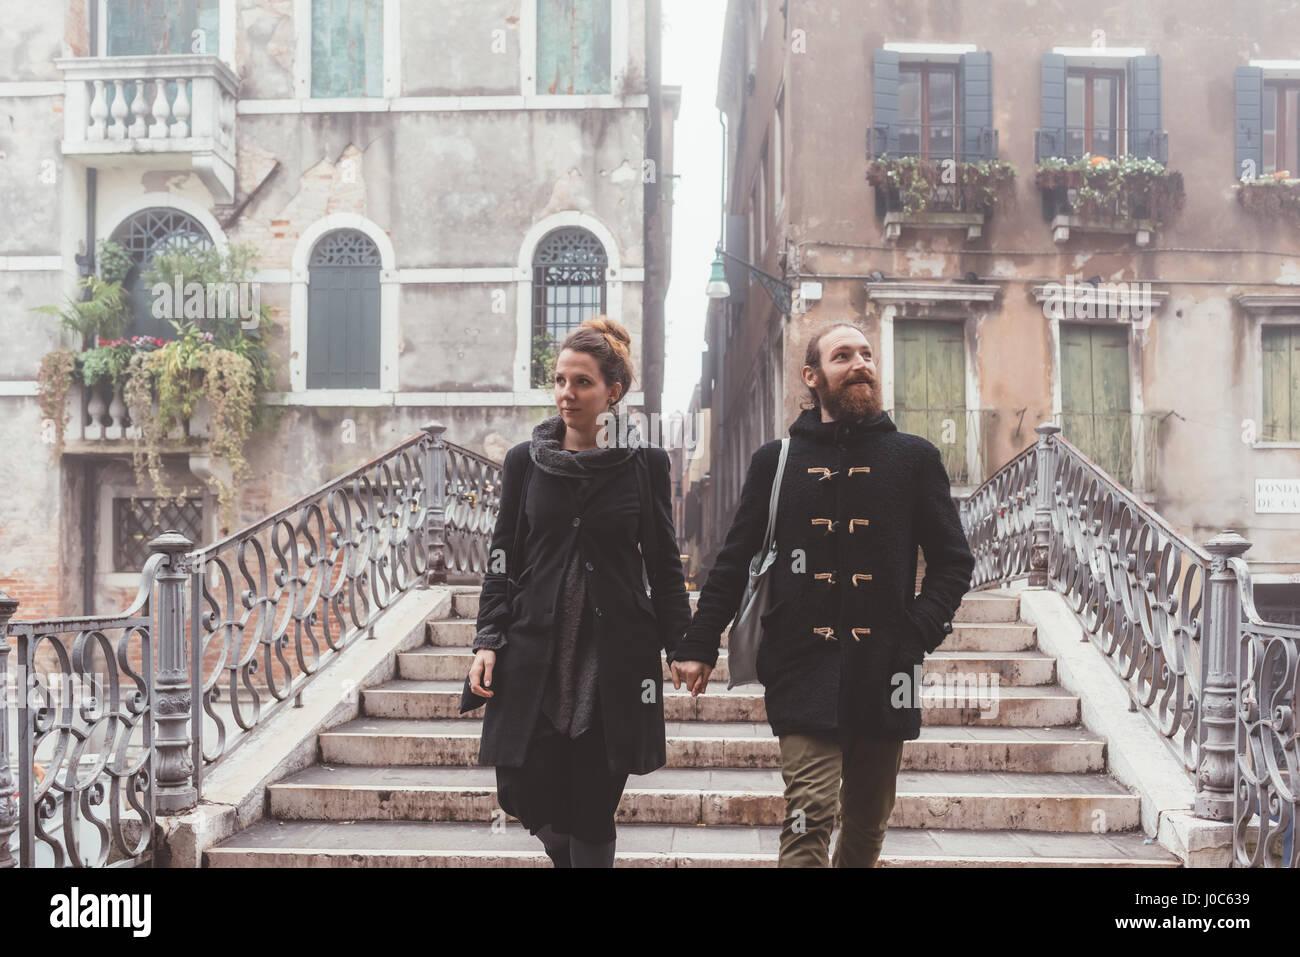 Par la celebración de manos y bajando las escaleras, Venecia, Italia Imagen De Stock